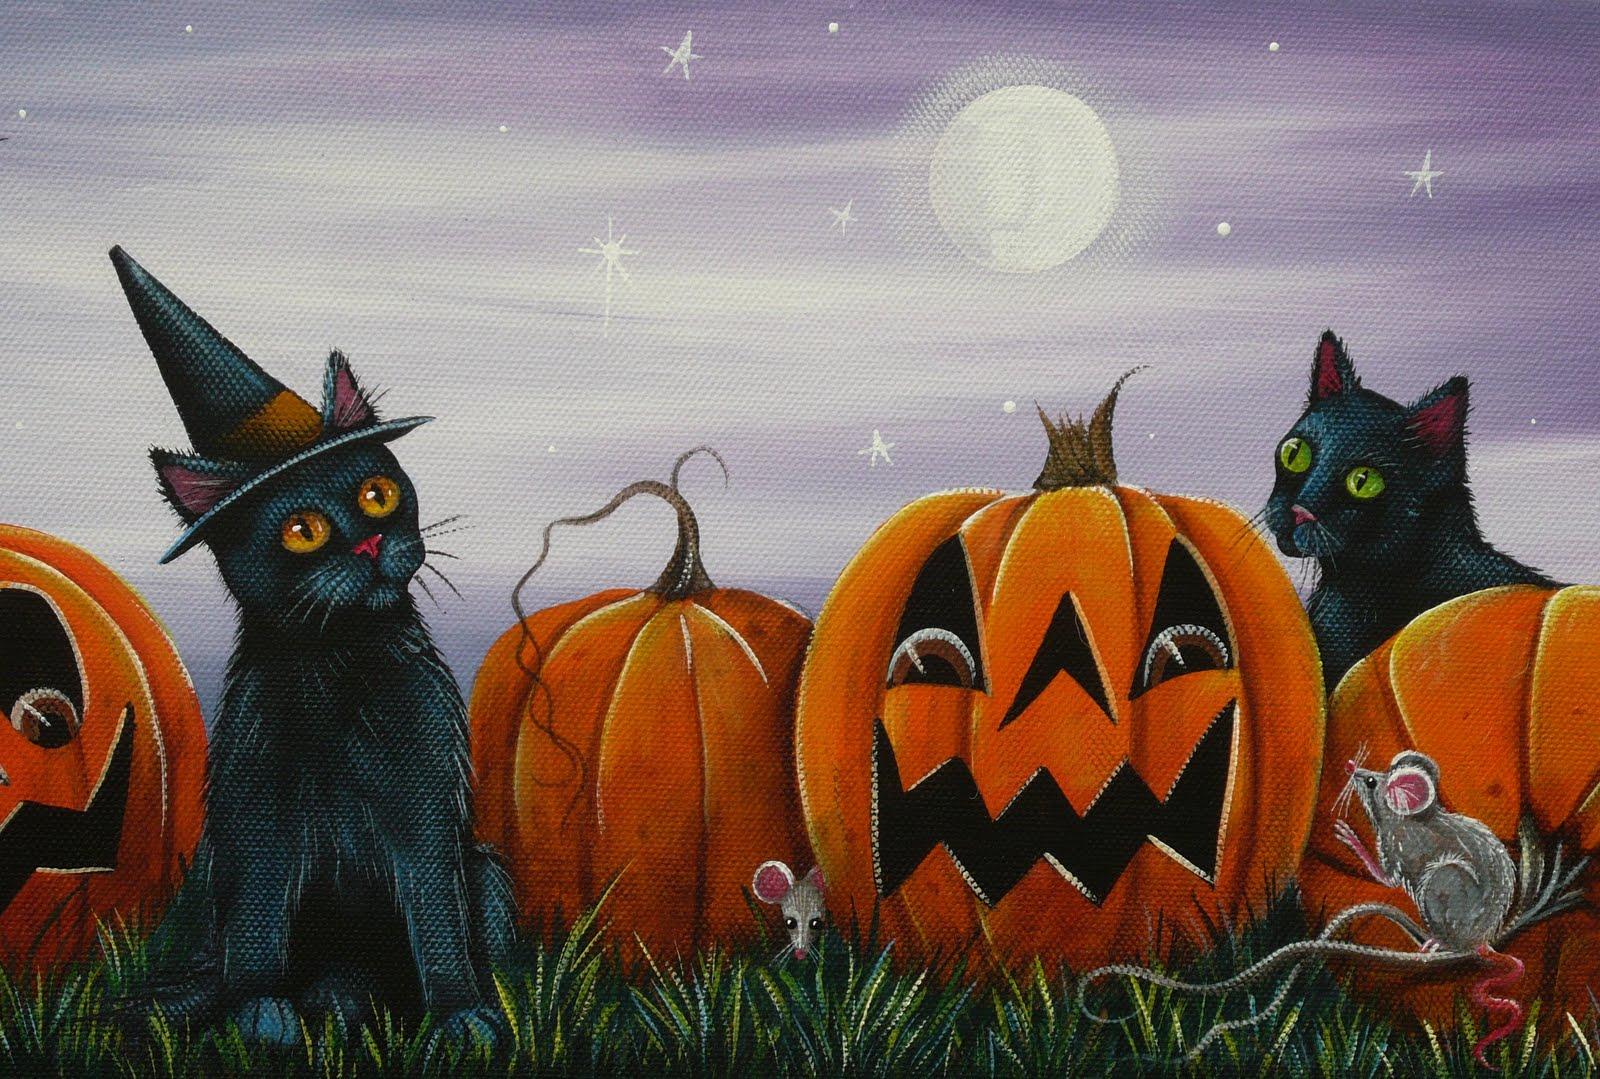 куколка картинки хэллоуина с кошками петунии менее коварны